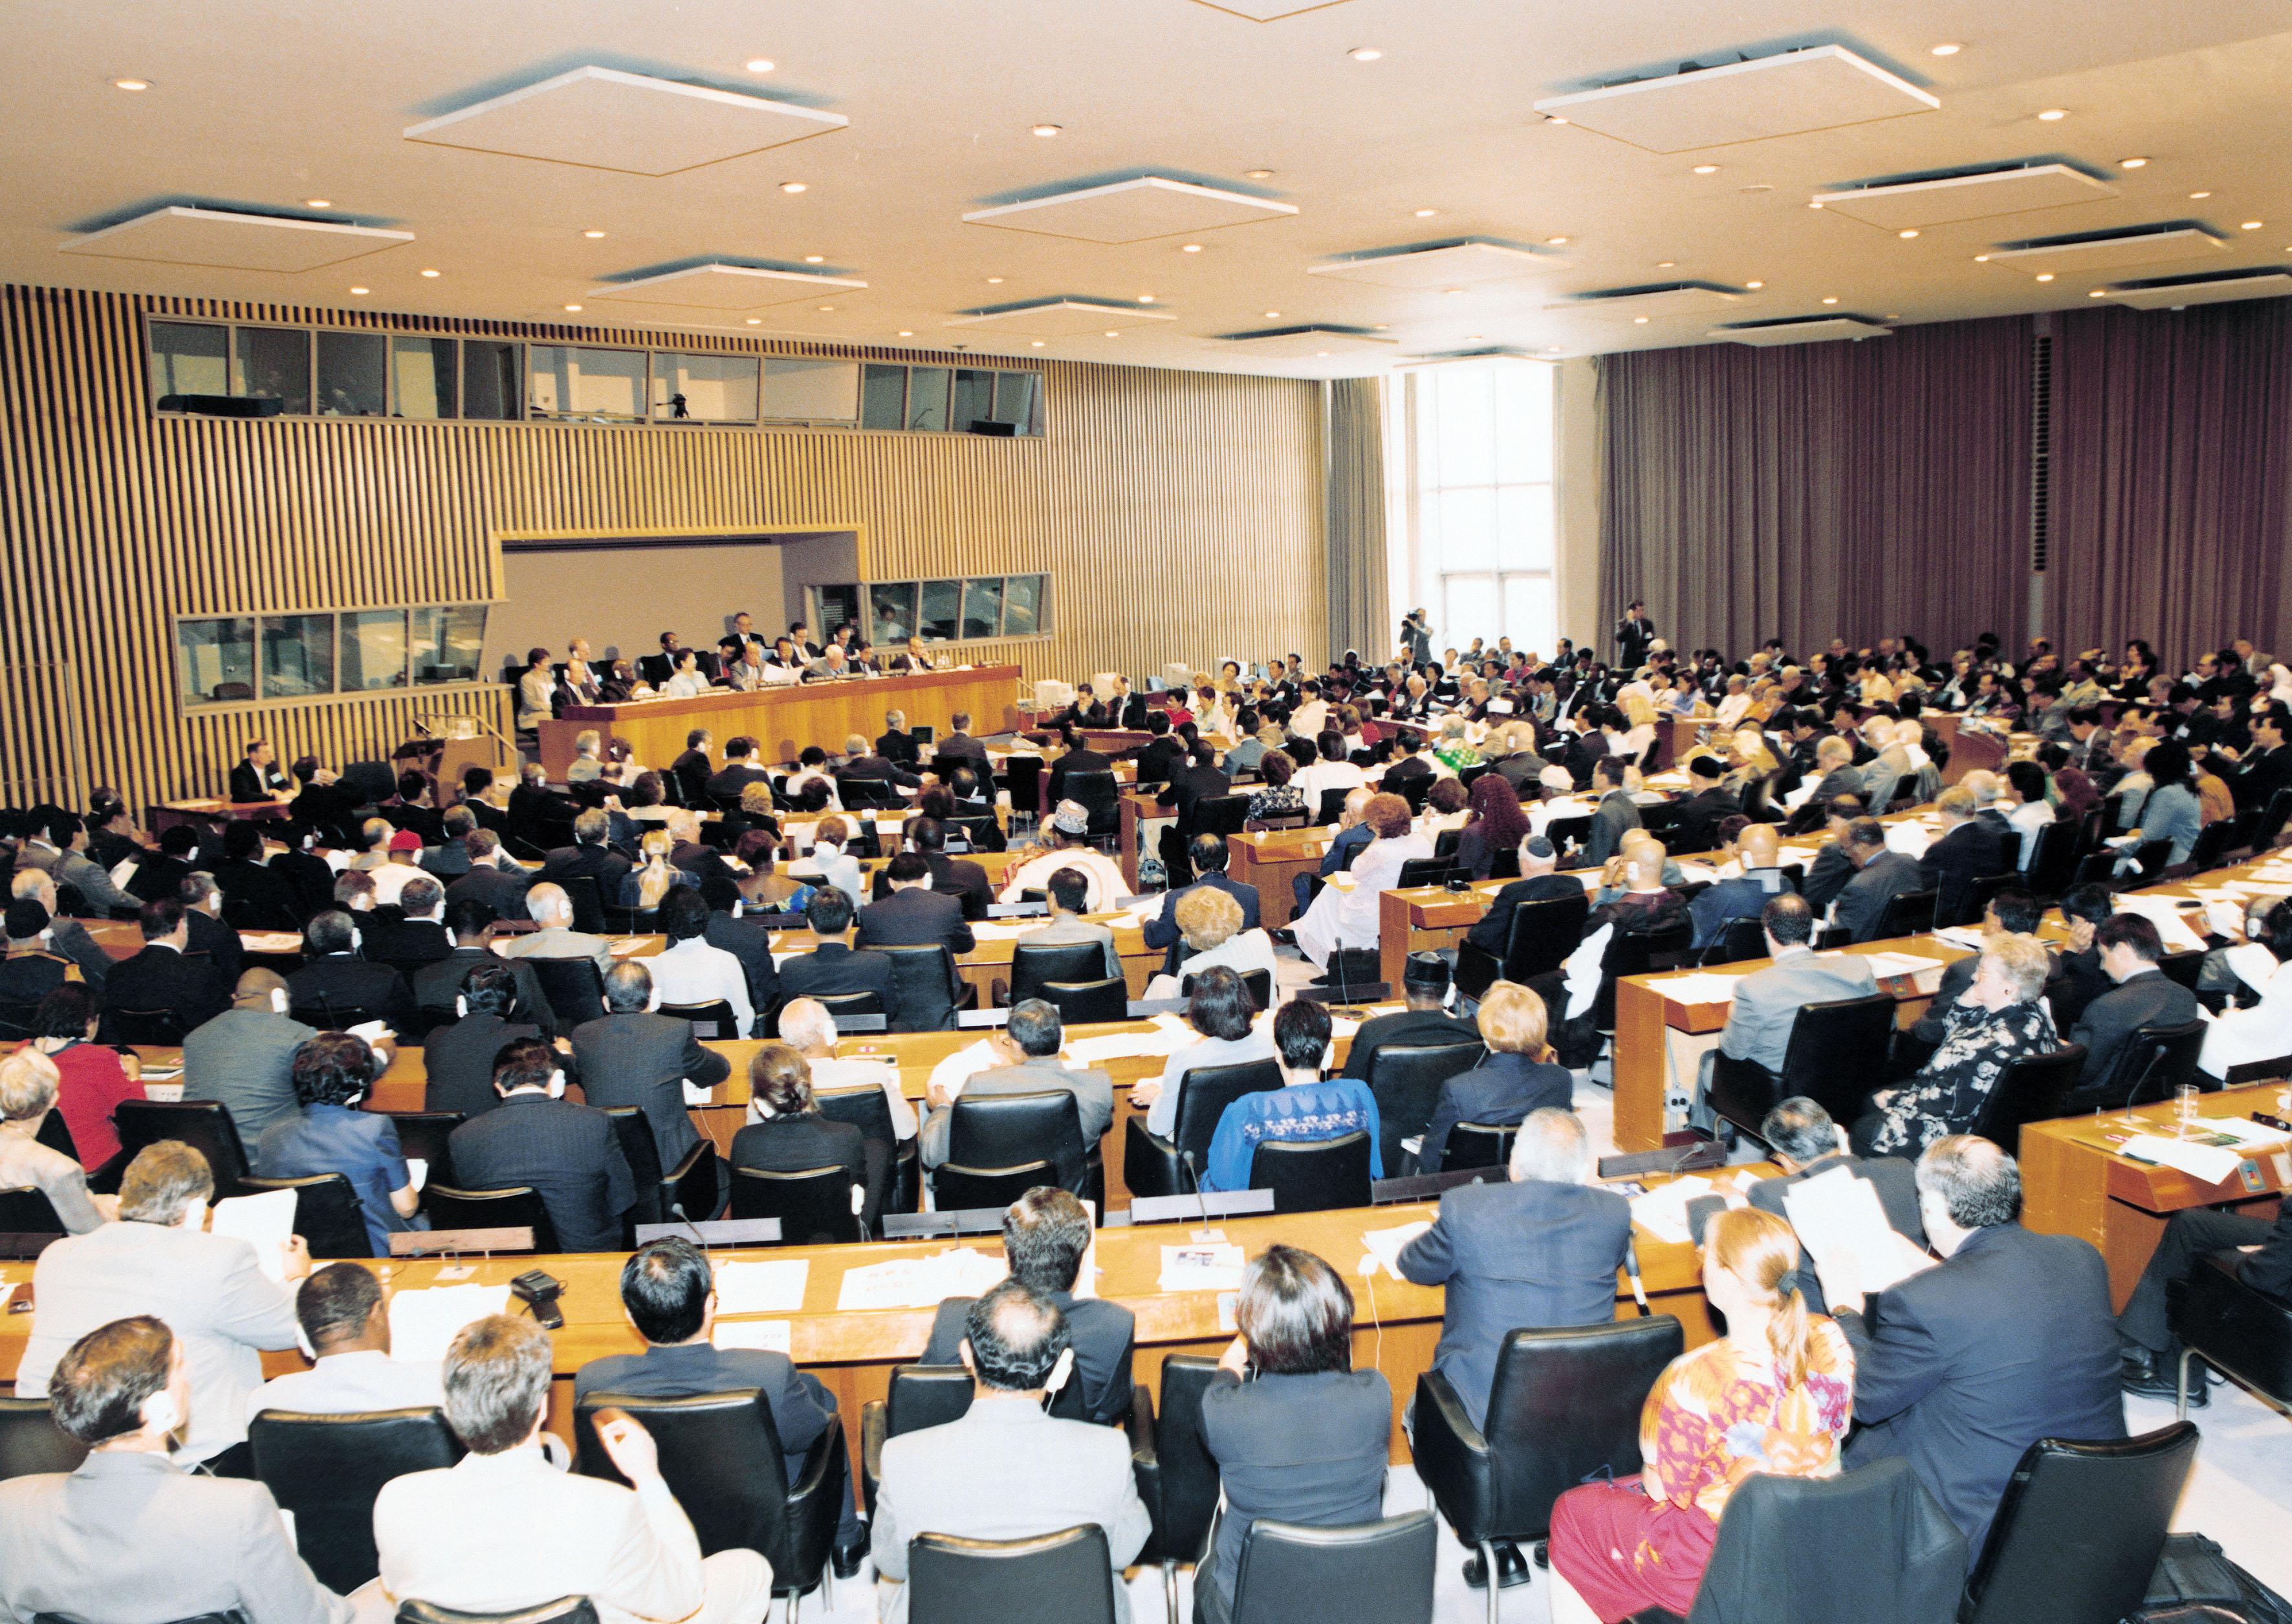 2000年8月18日、米国ニューヨークの国連本部で開催された国際会議「アセンブリ2000」